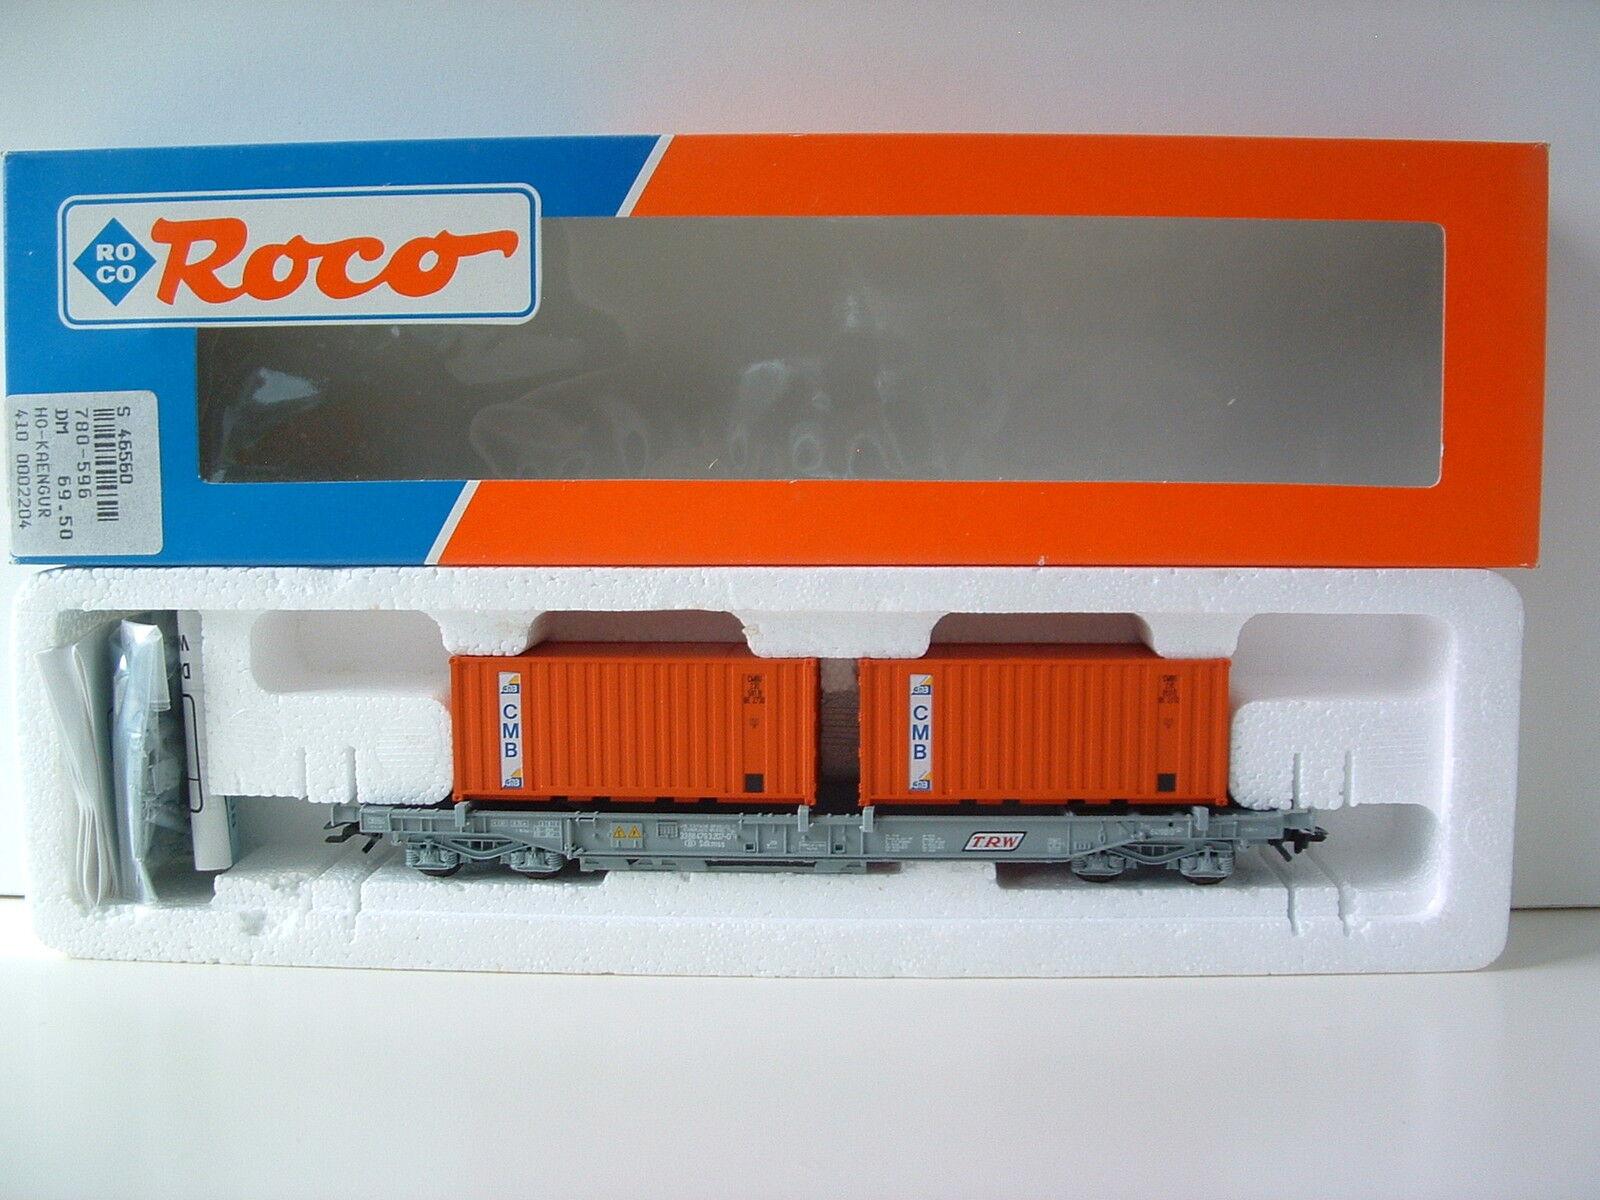 Roco h0 46560 unidad bolsillos Cochero TRW  cmb  OVP m377 raras